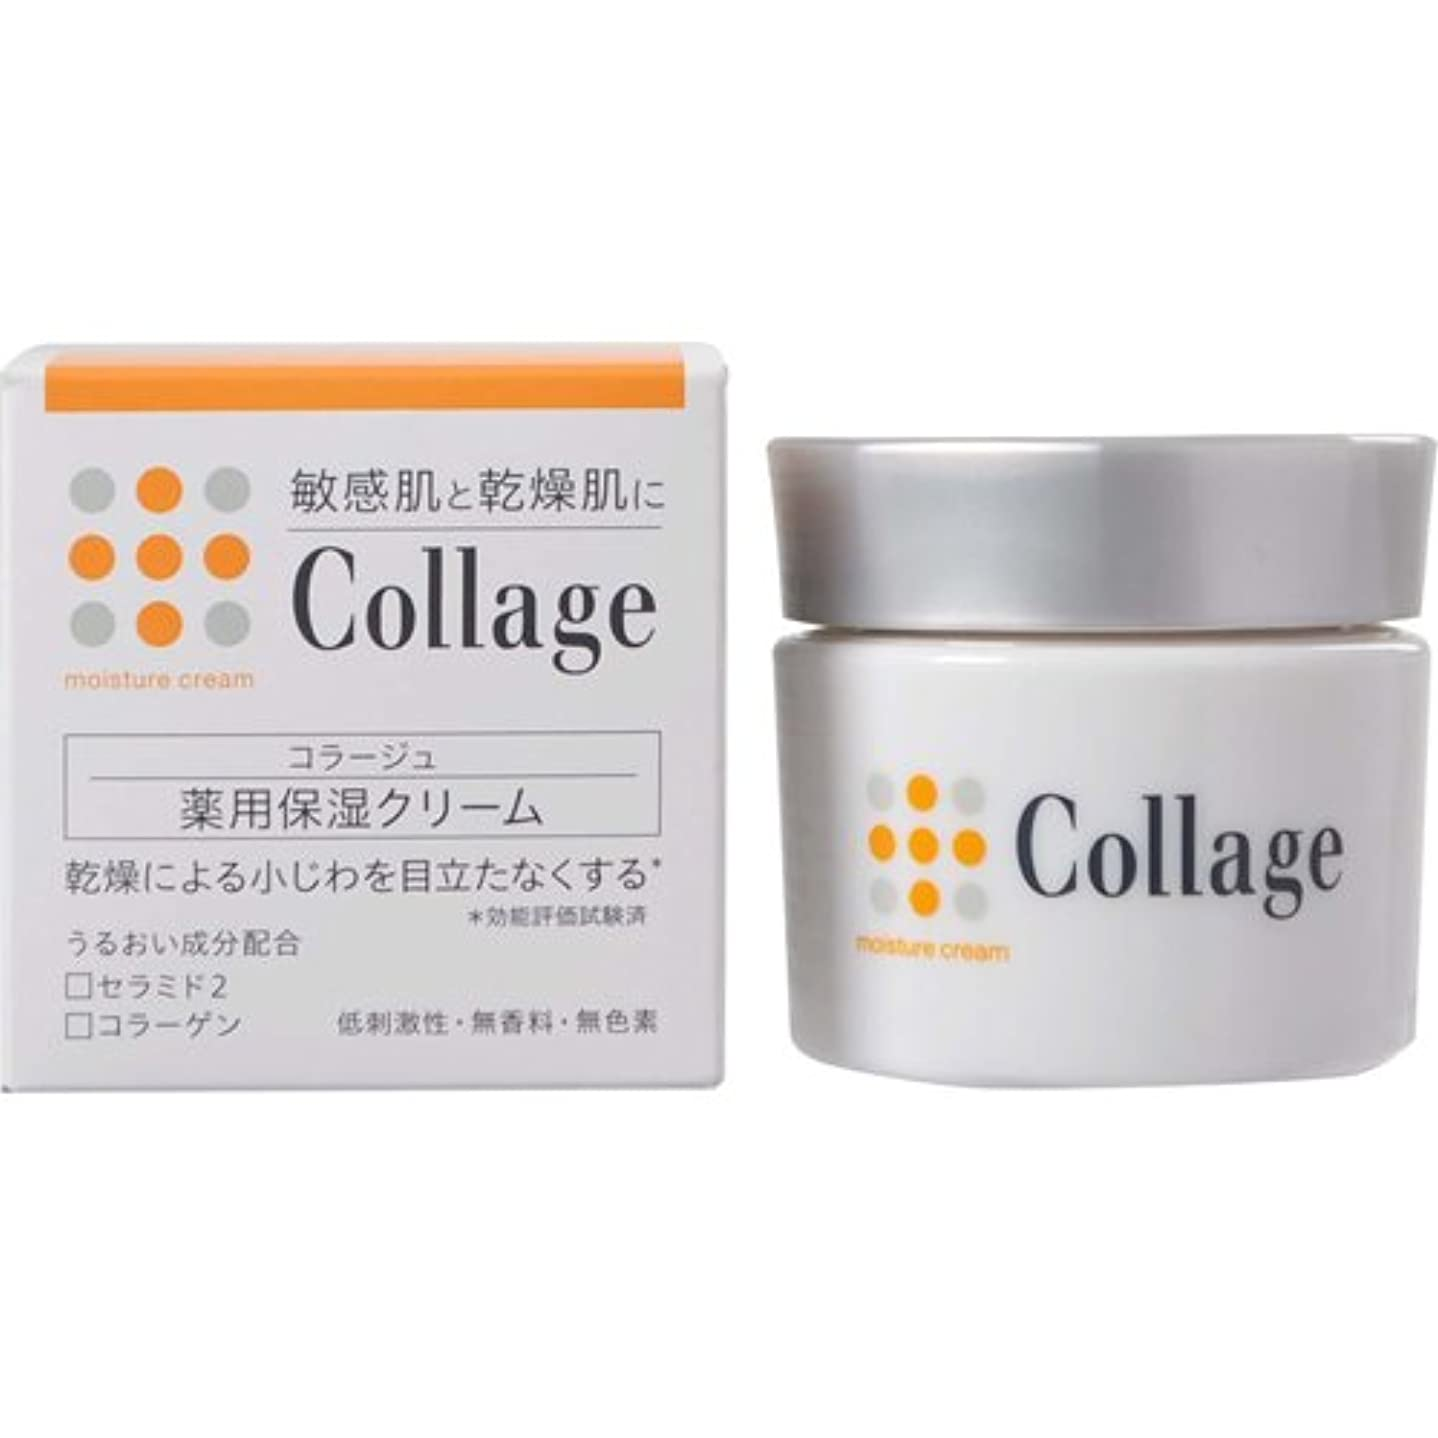 誓約のホスト導出コラージュ 薬用保湿クリーム 30g 【医薬部外品】